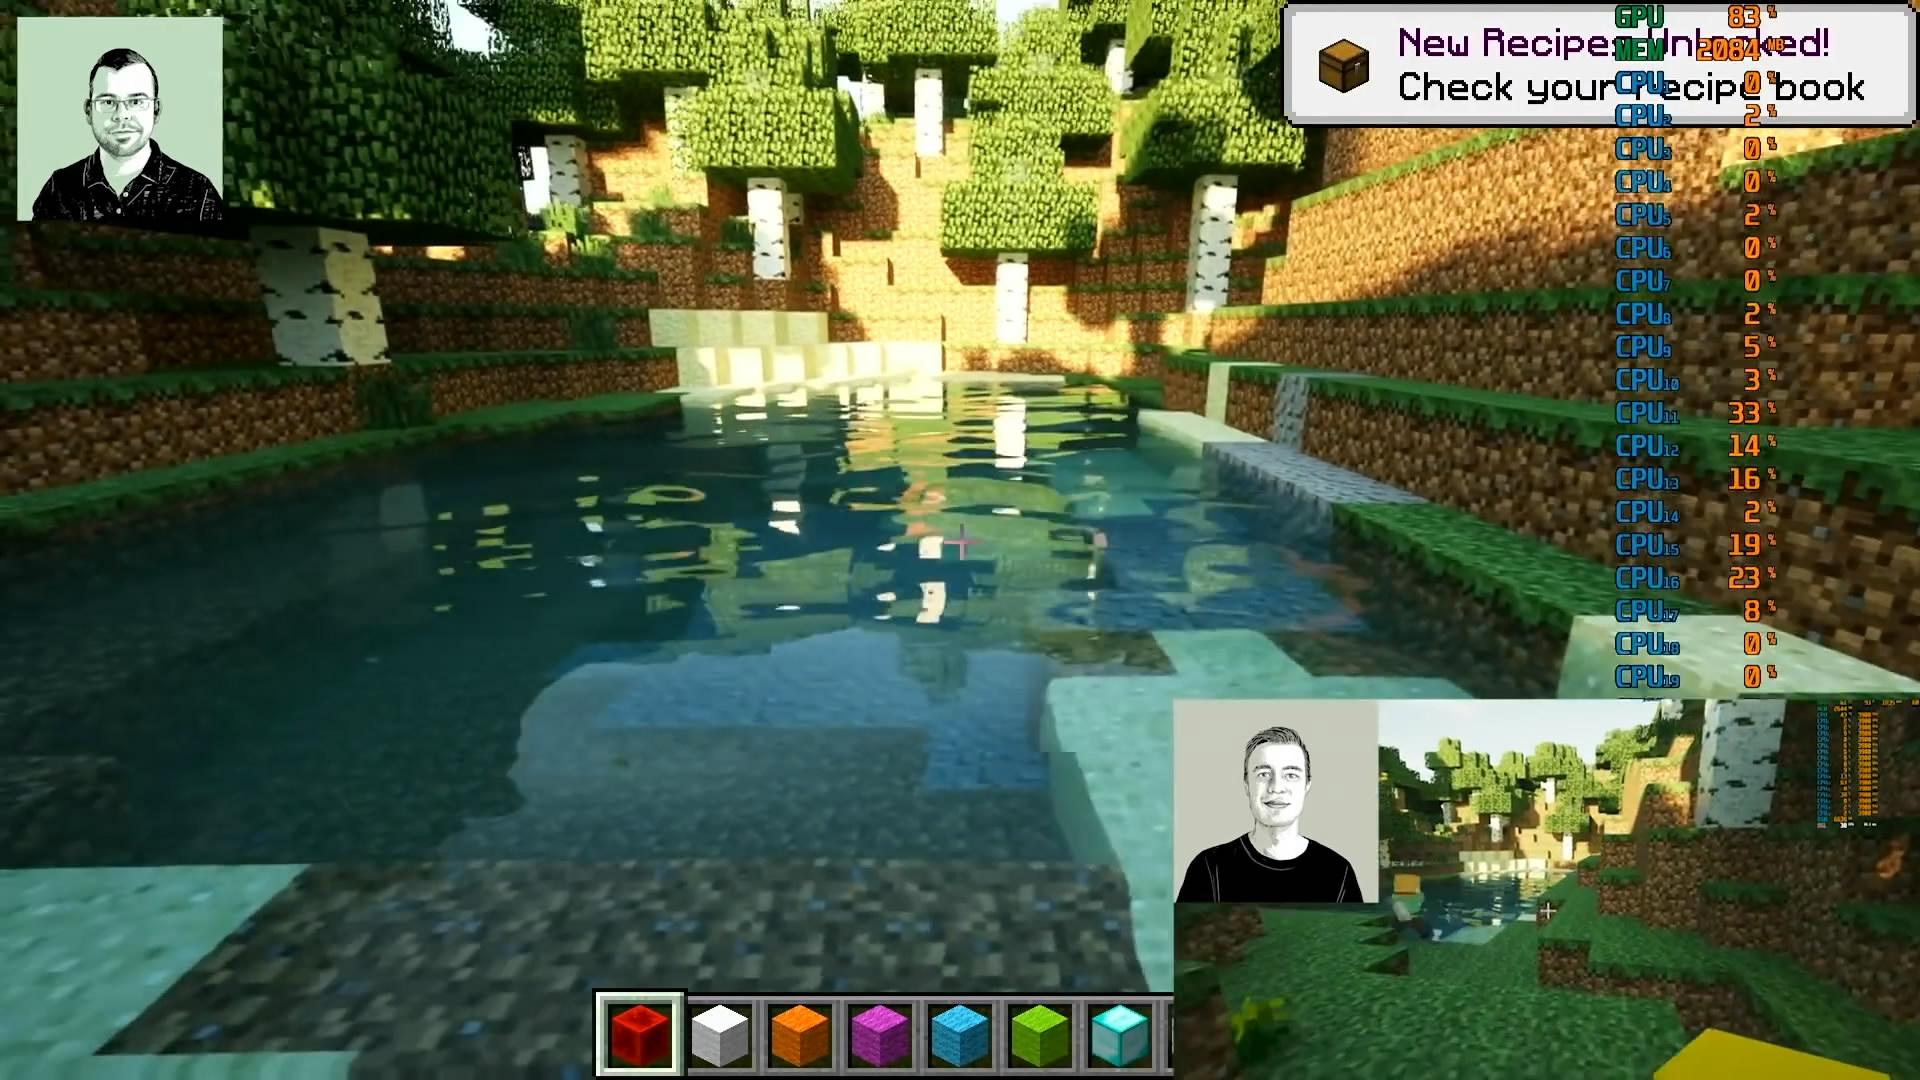 《我的世界》光影效果Mod演示 实时光追效果真实